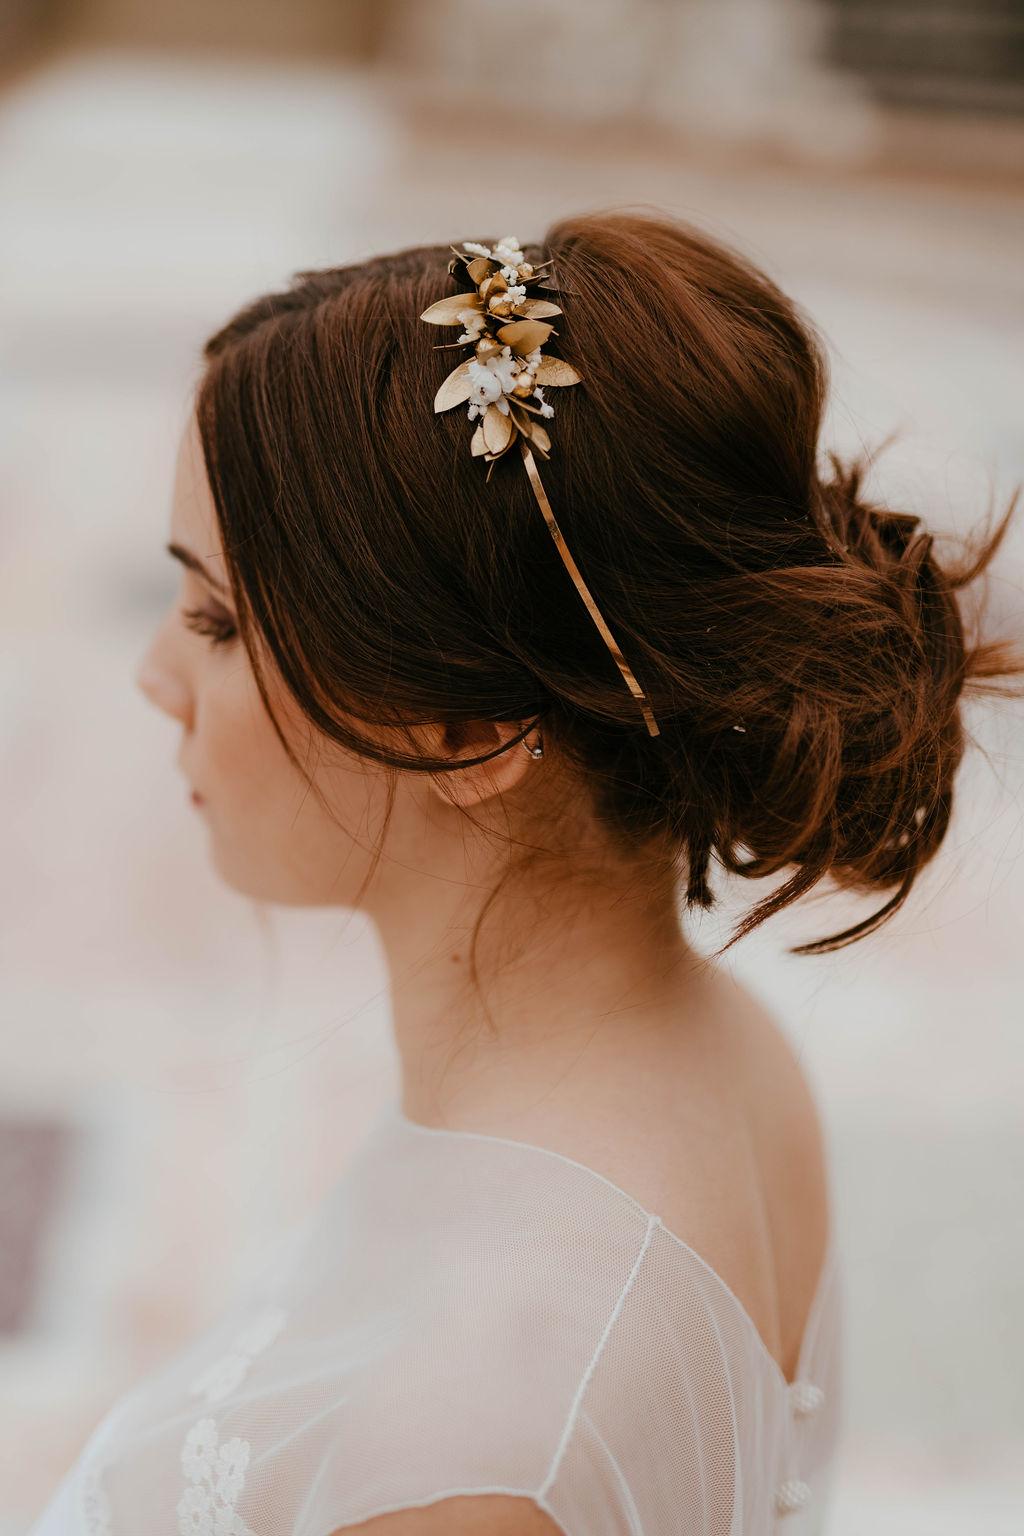 Headband de mariage Ori version Mini - Les Fleurs Dupont - Anaïs Nannini - Collection Orichalque